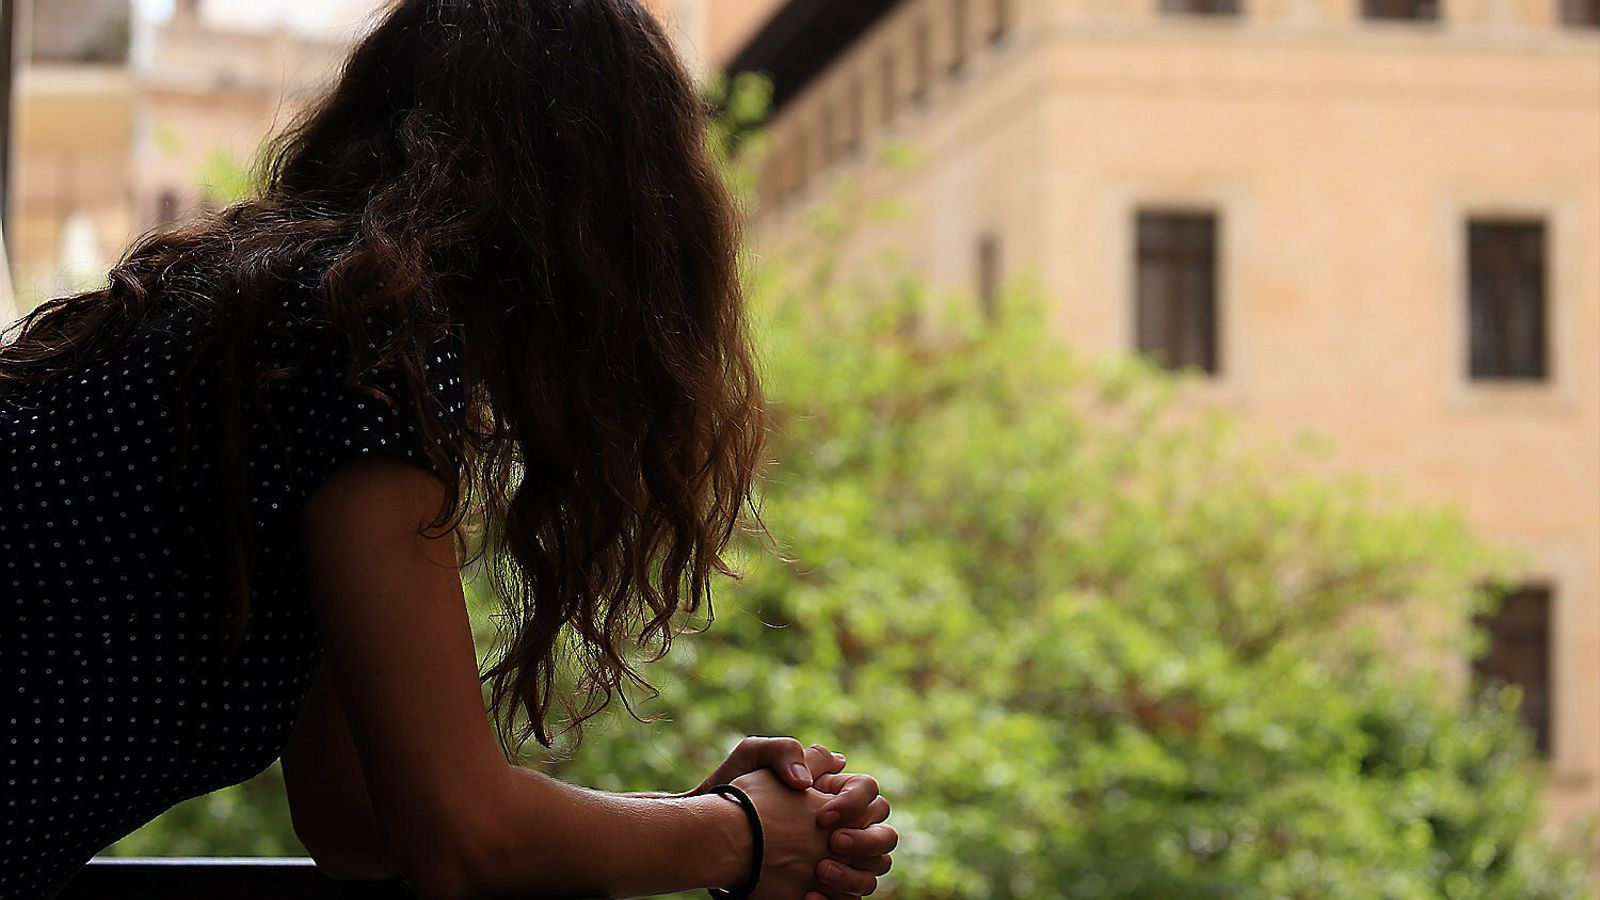 El 2020 va pel camí de superar el 2019 en nombre de víctimes de violència masclista ateses a les Illes